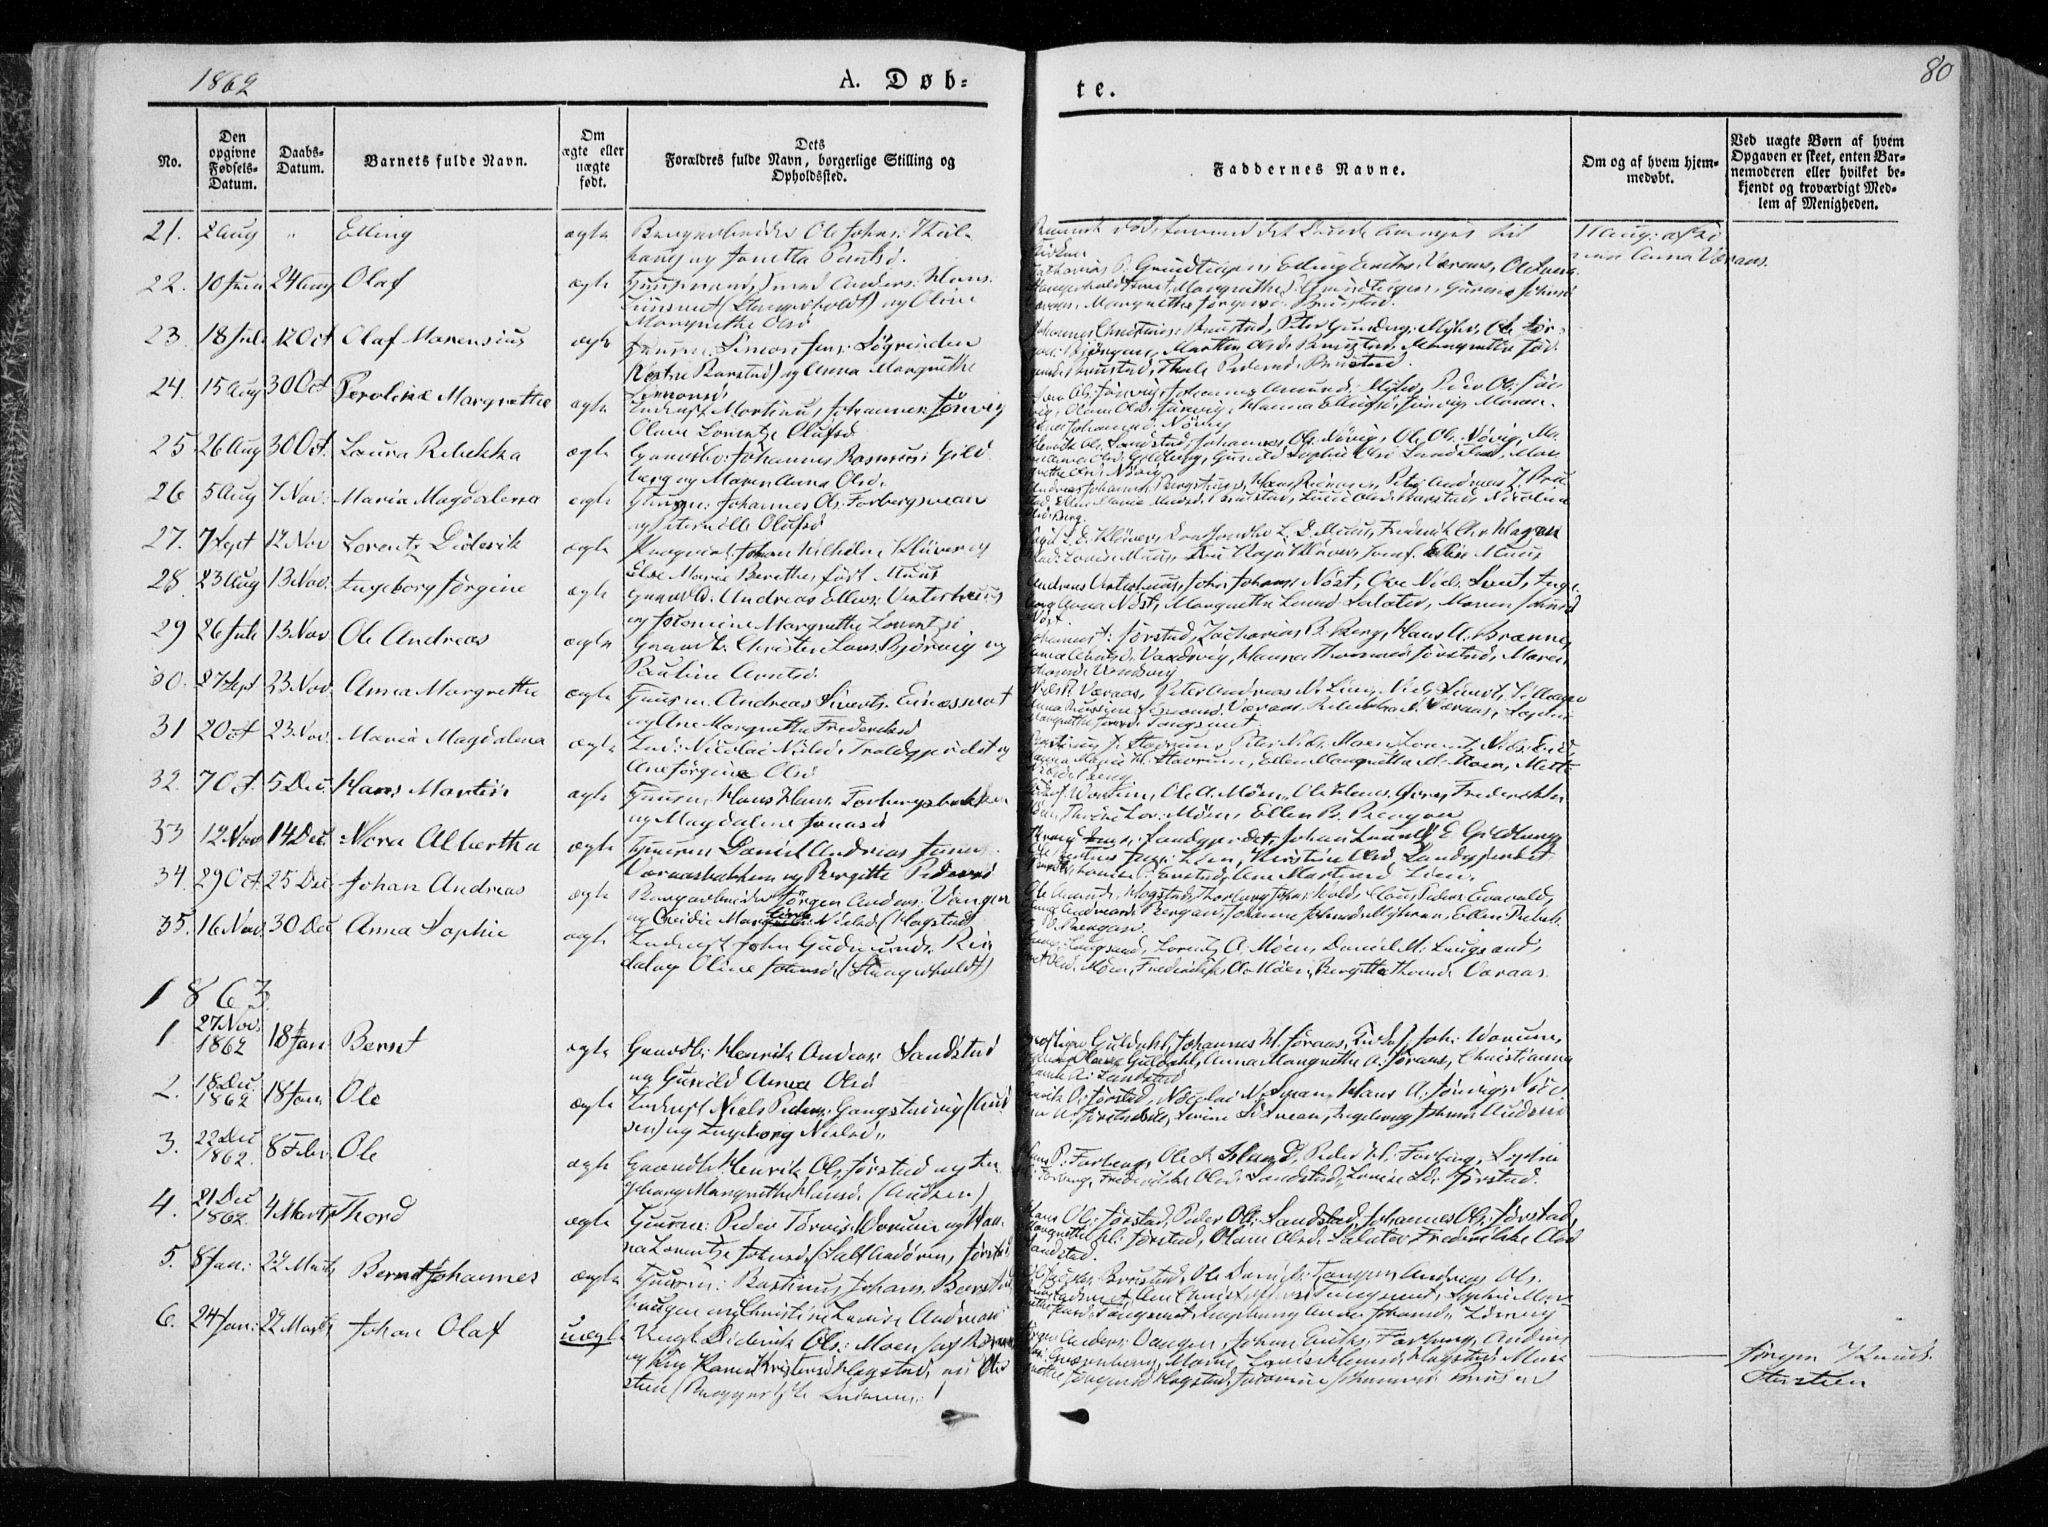 SAT, Ministerialprotokoller, klokkerbøker og fødselsregistre - Nord-Trøndelag, 722/L0218: Ministerialbok nr. 722A05, 1843-1868, s. 80